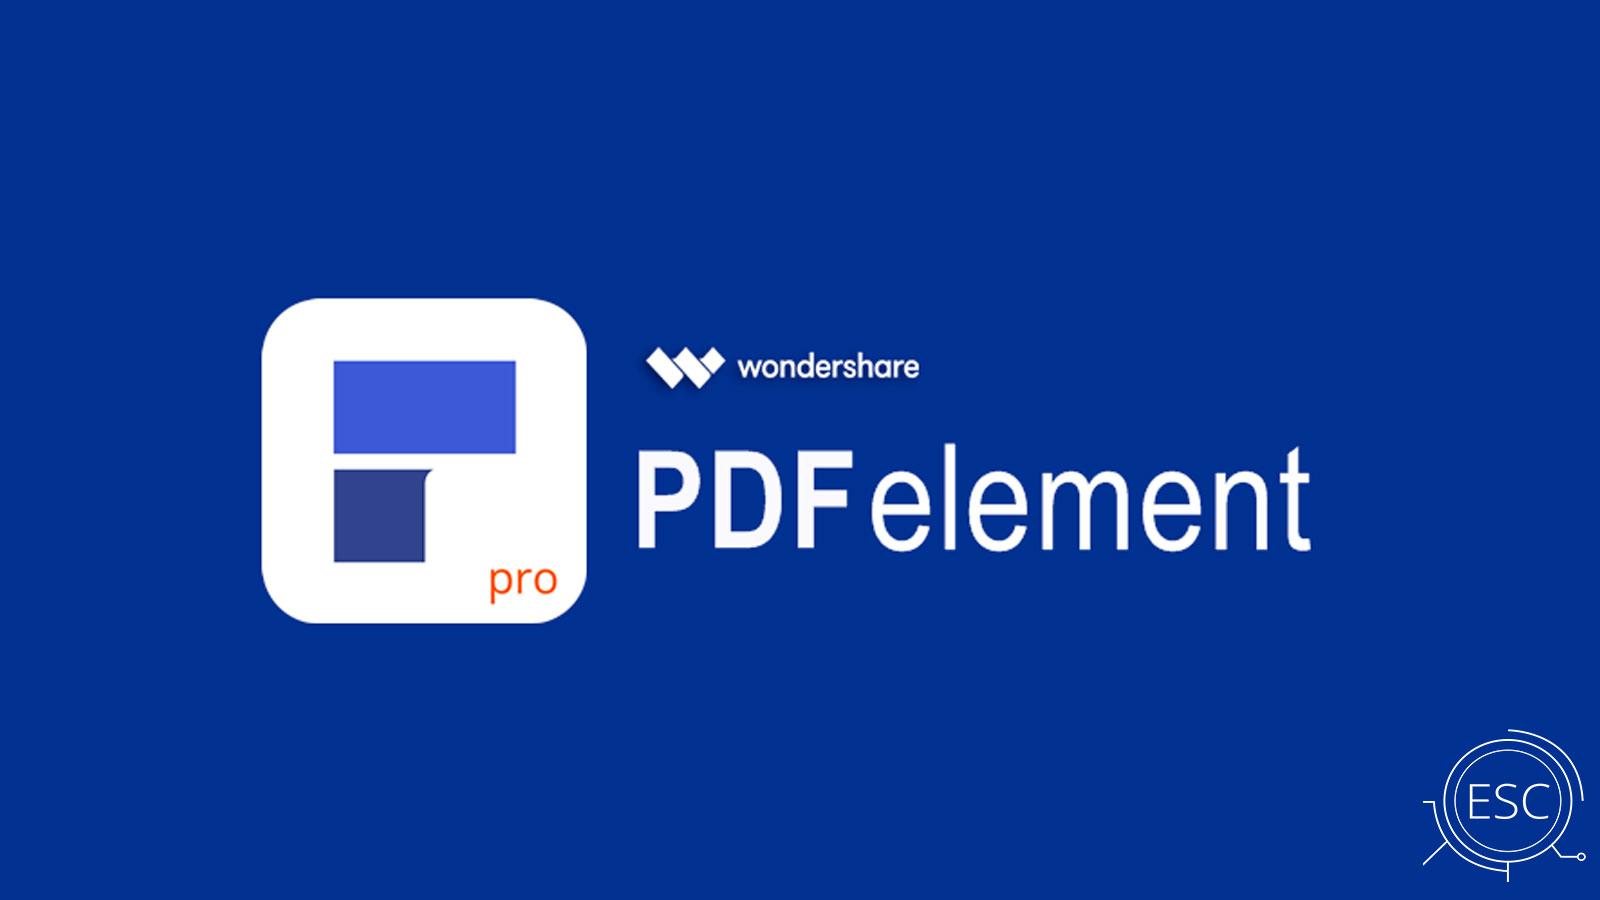 强大的PDF编辑工具 PDFelement Pro 软件安装教程(Mac版)